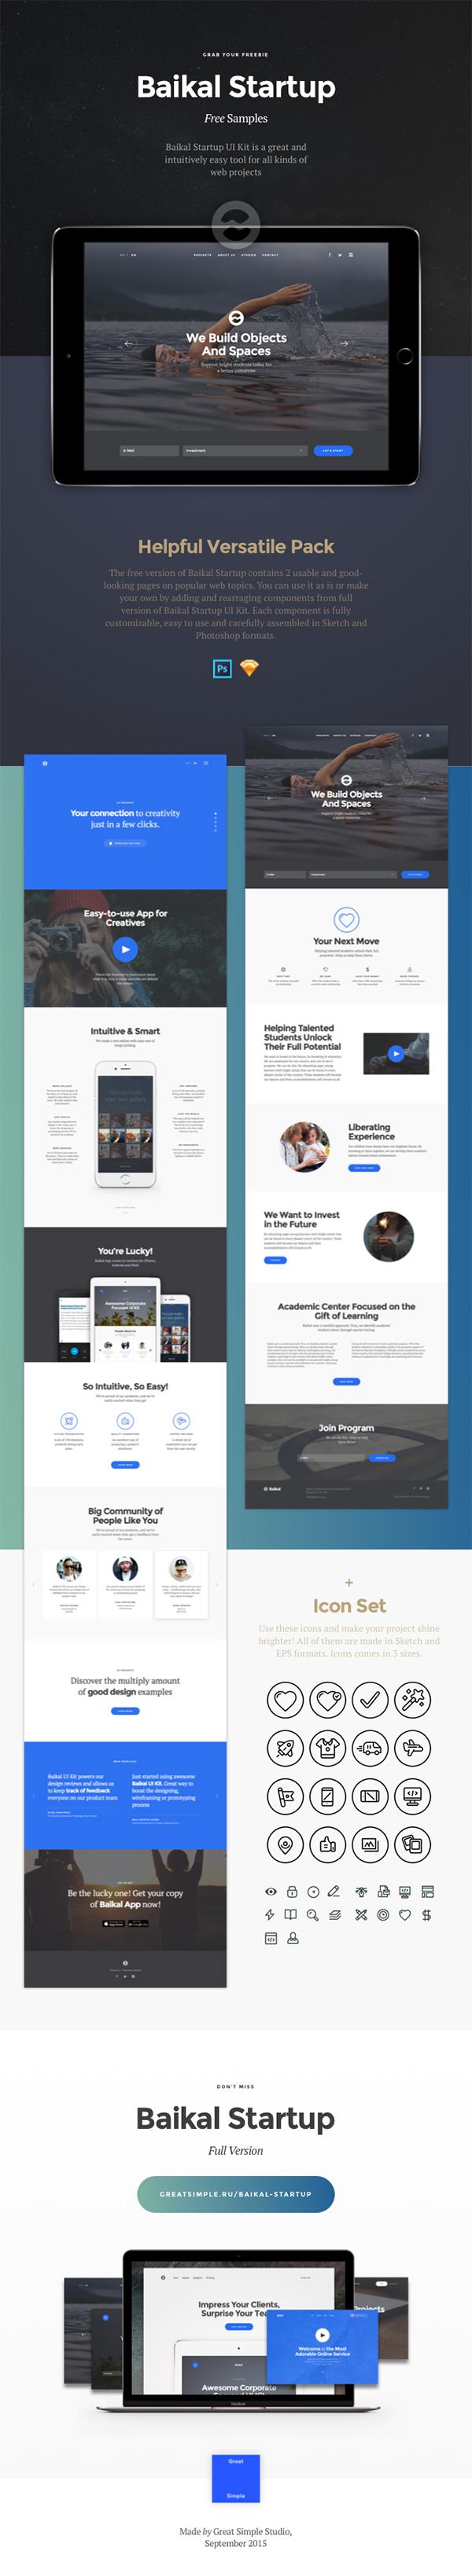 Baikal Startup Versatile FREE UI Kit